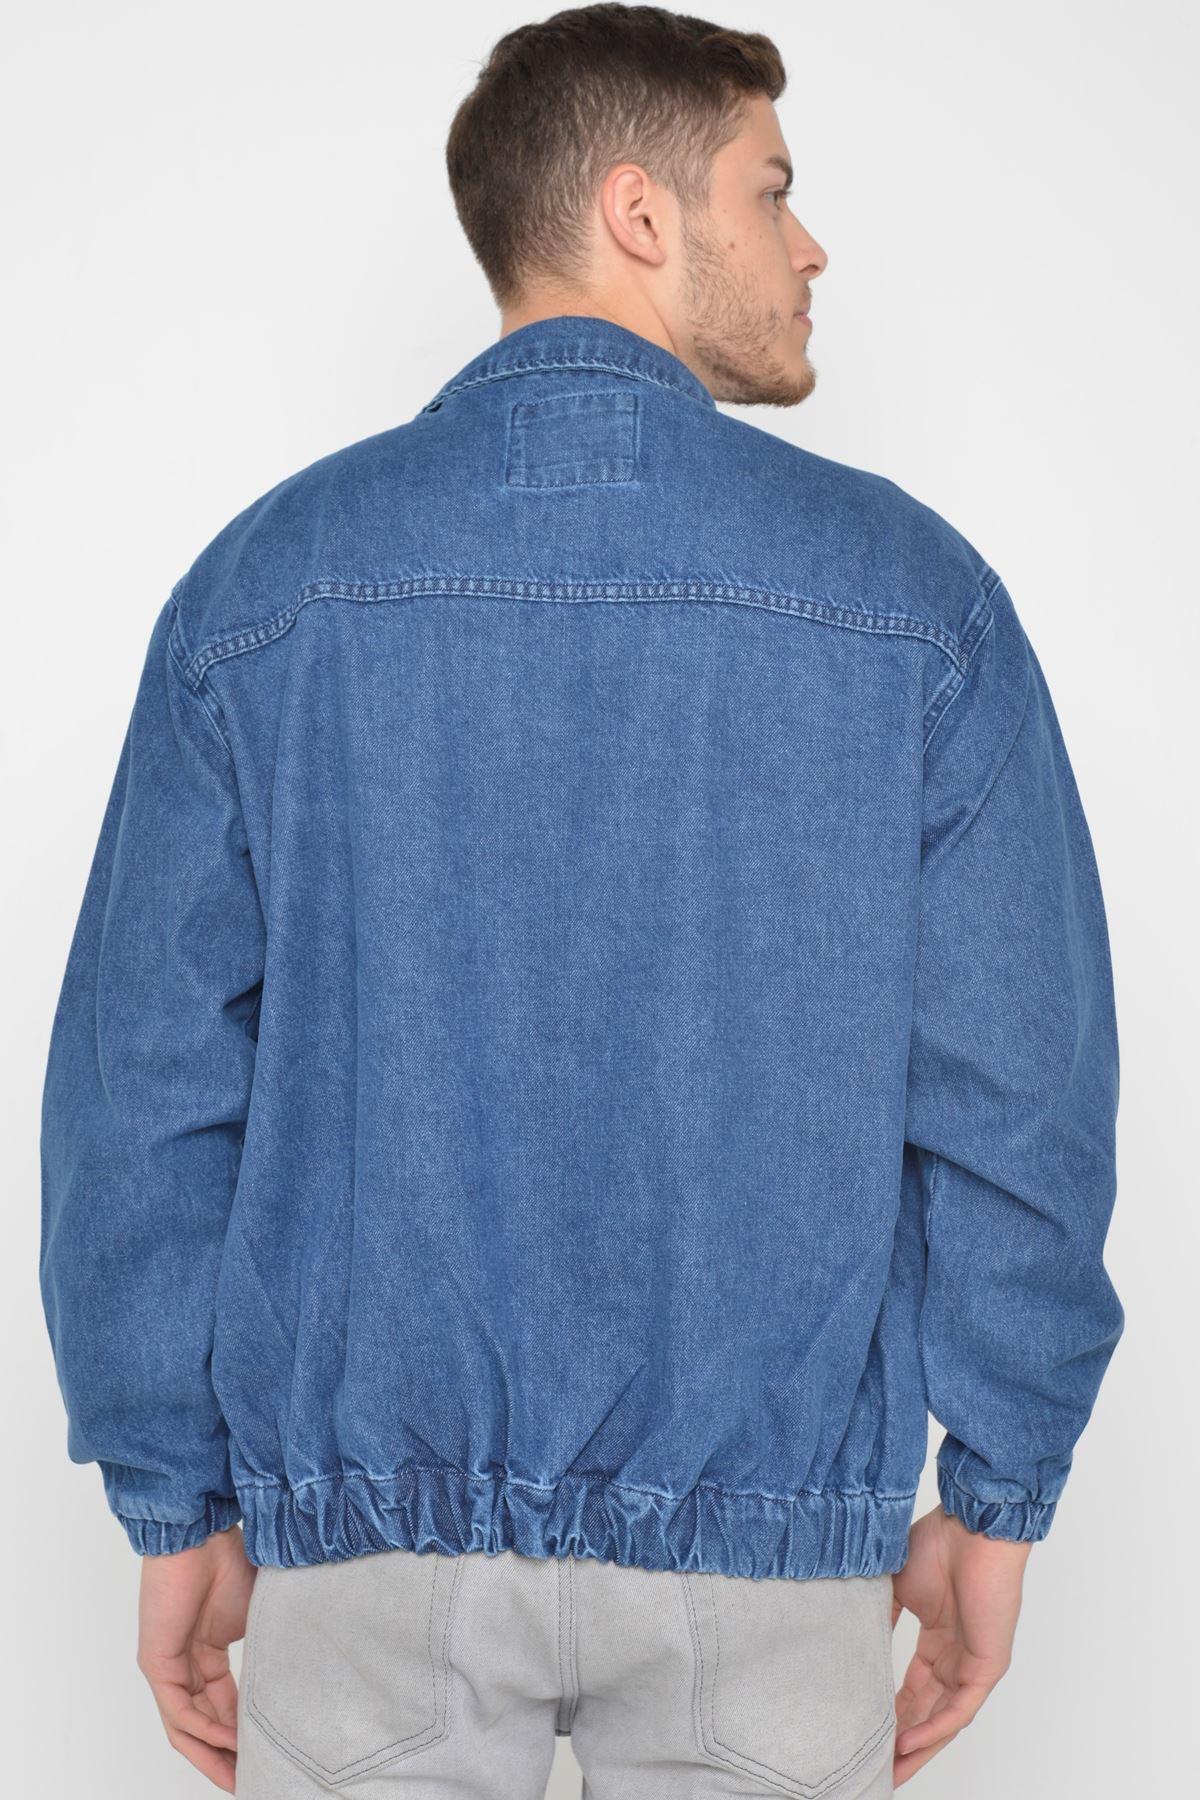 Oversize Mavi Yıkama Baskılı  Erkek Fermuarlı Bomber Kot Ceket